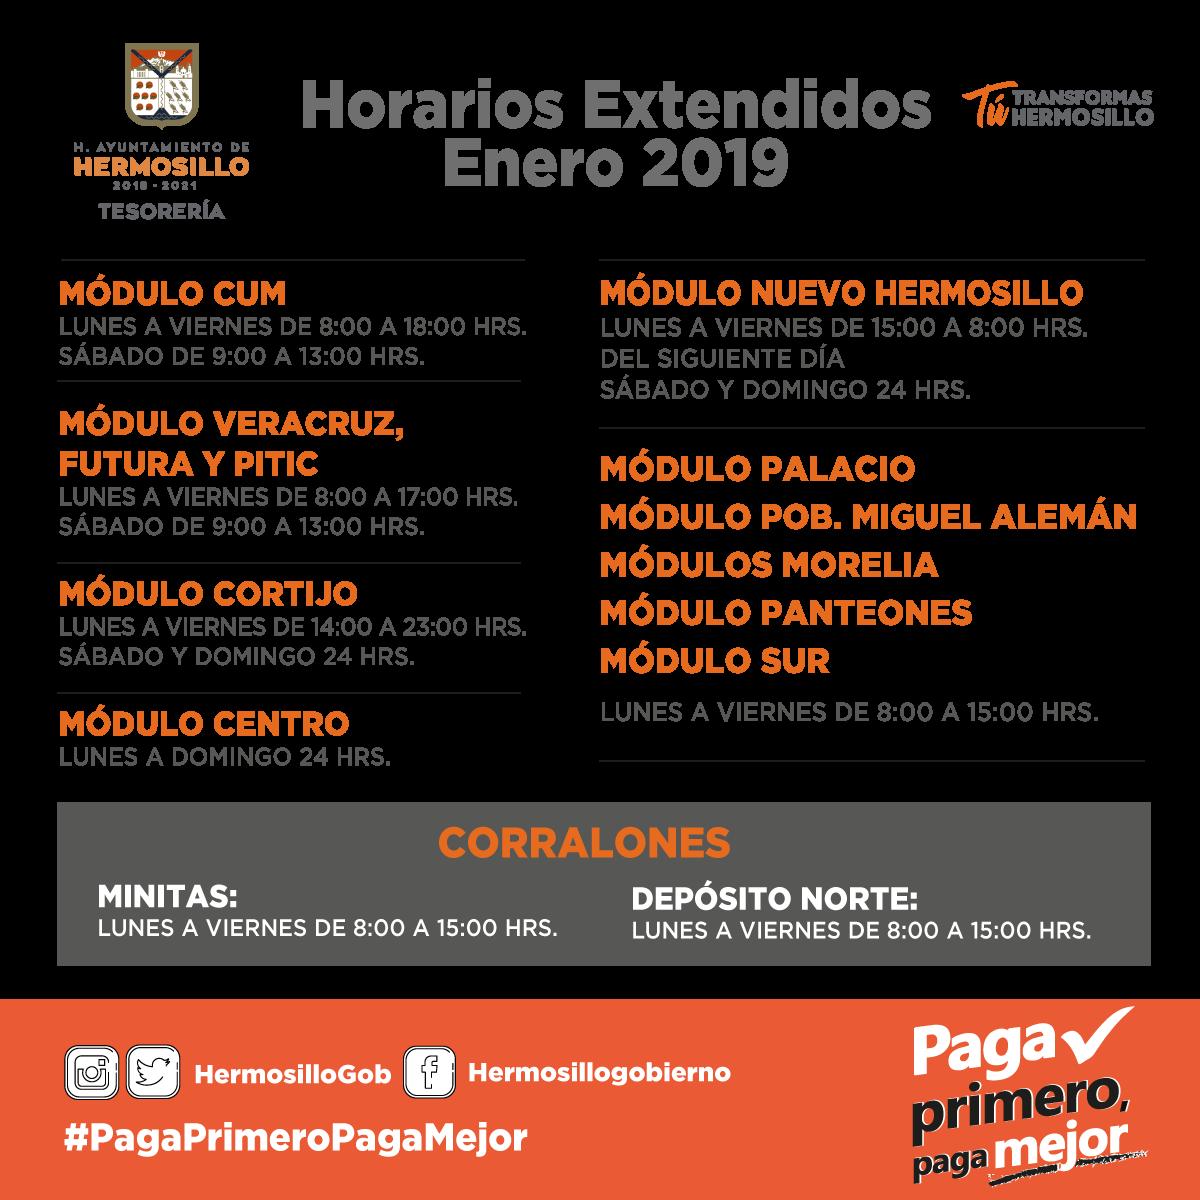 Gob De Hermosillo On Twitter Te Compartimos Los Horarios